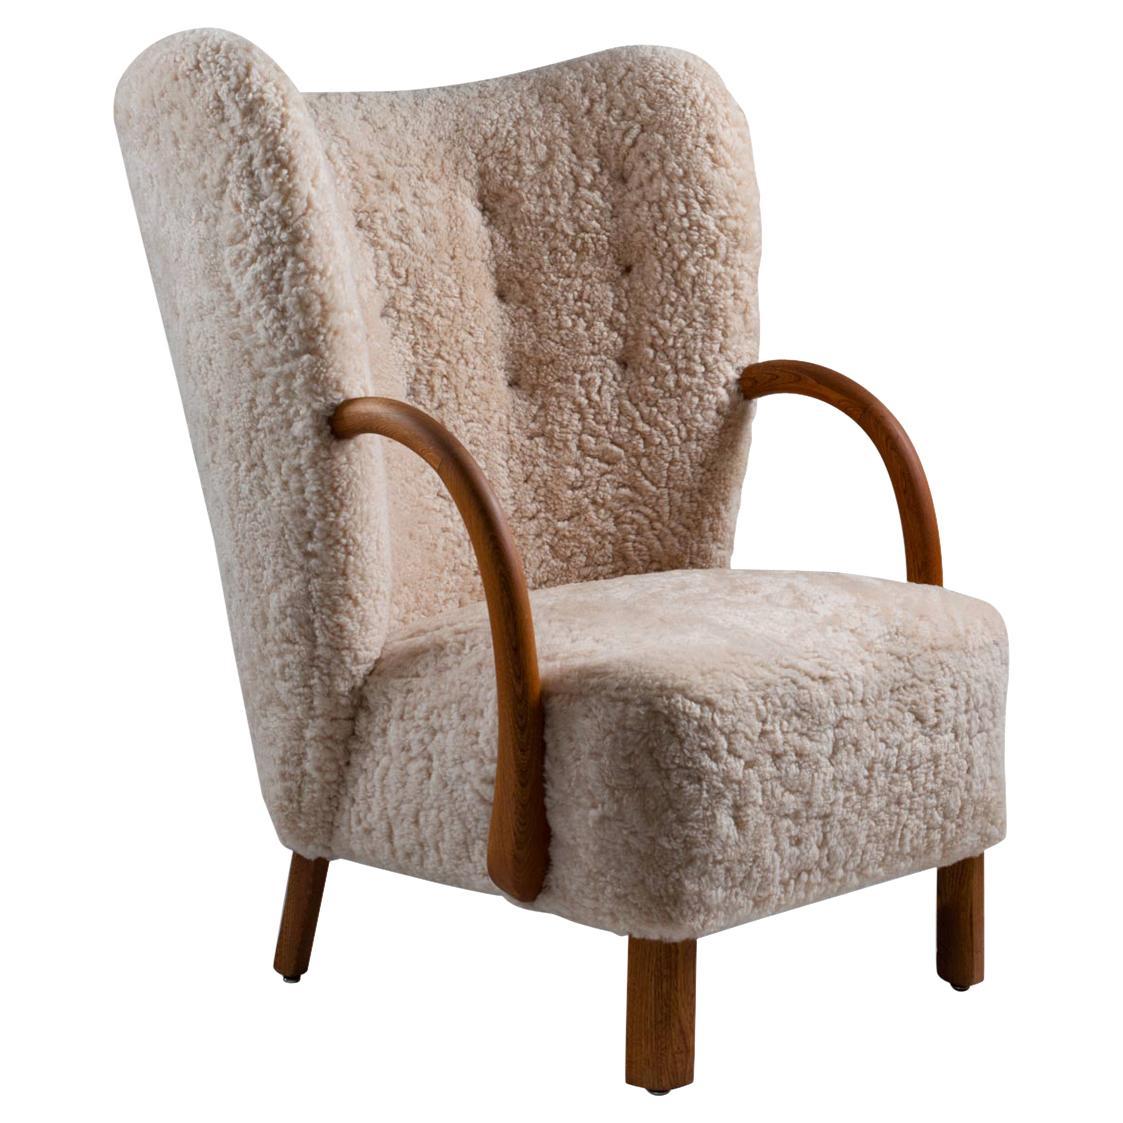 Viggo Boesen Attributed Lounge Chair No 107 for Slagelse Møbelværk